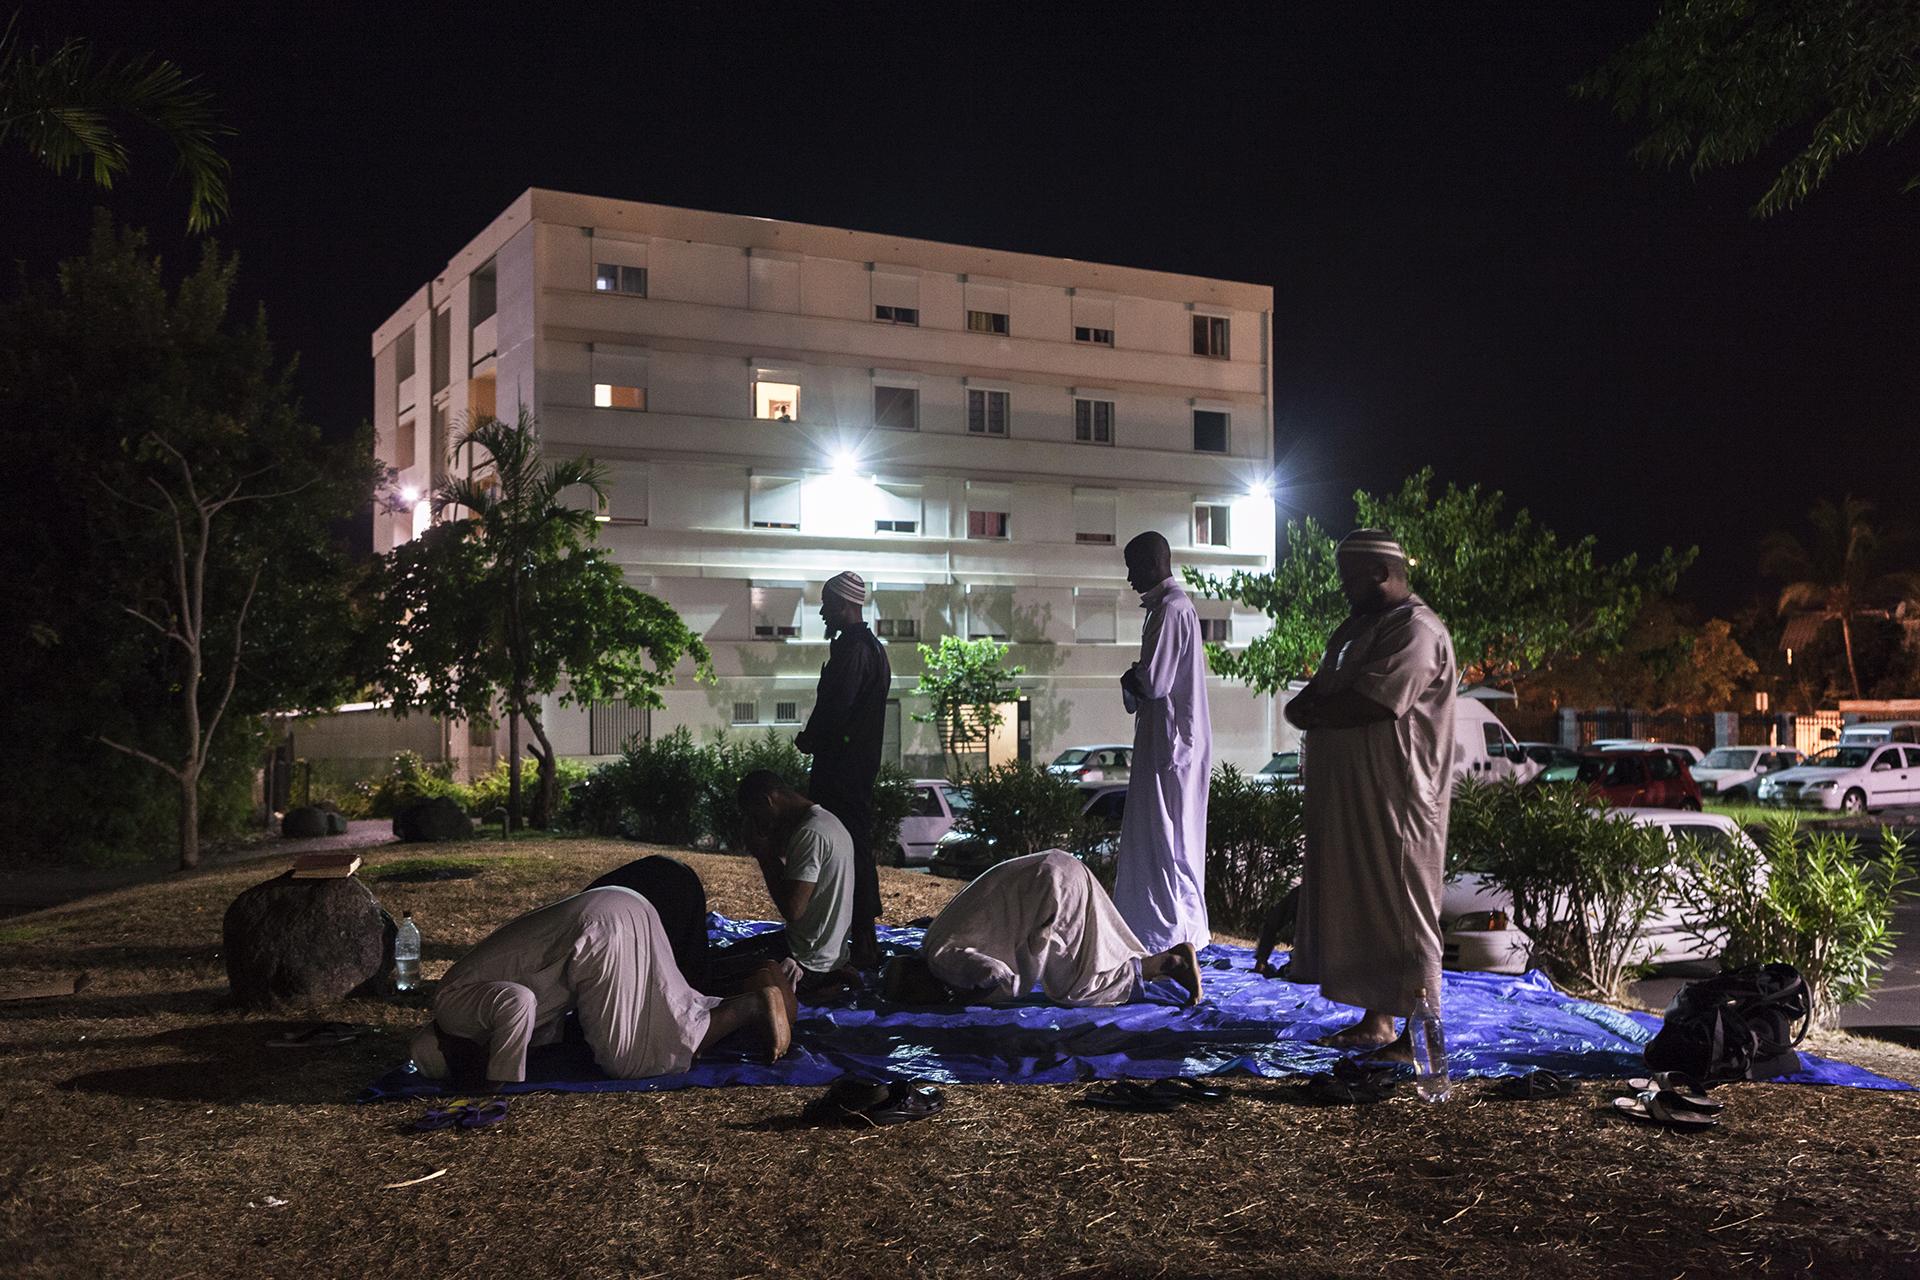 Quartier de la ZUP, une prière est organisée deux à trois fois par semaine par la communauté musulmane du quartier. Chacun est libre de venir et d'y participer s'il le souhaite. La vie continue durant la prière, l'ambiance est au partage.